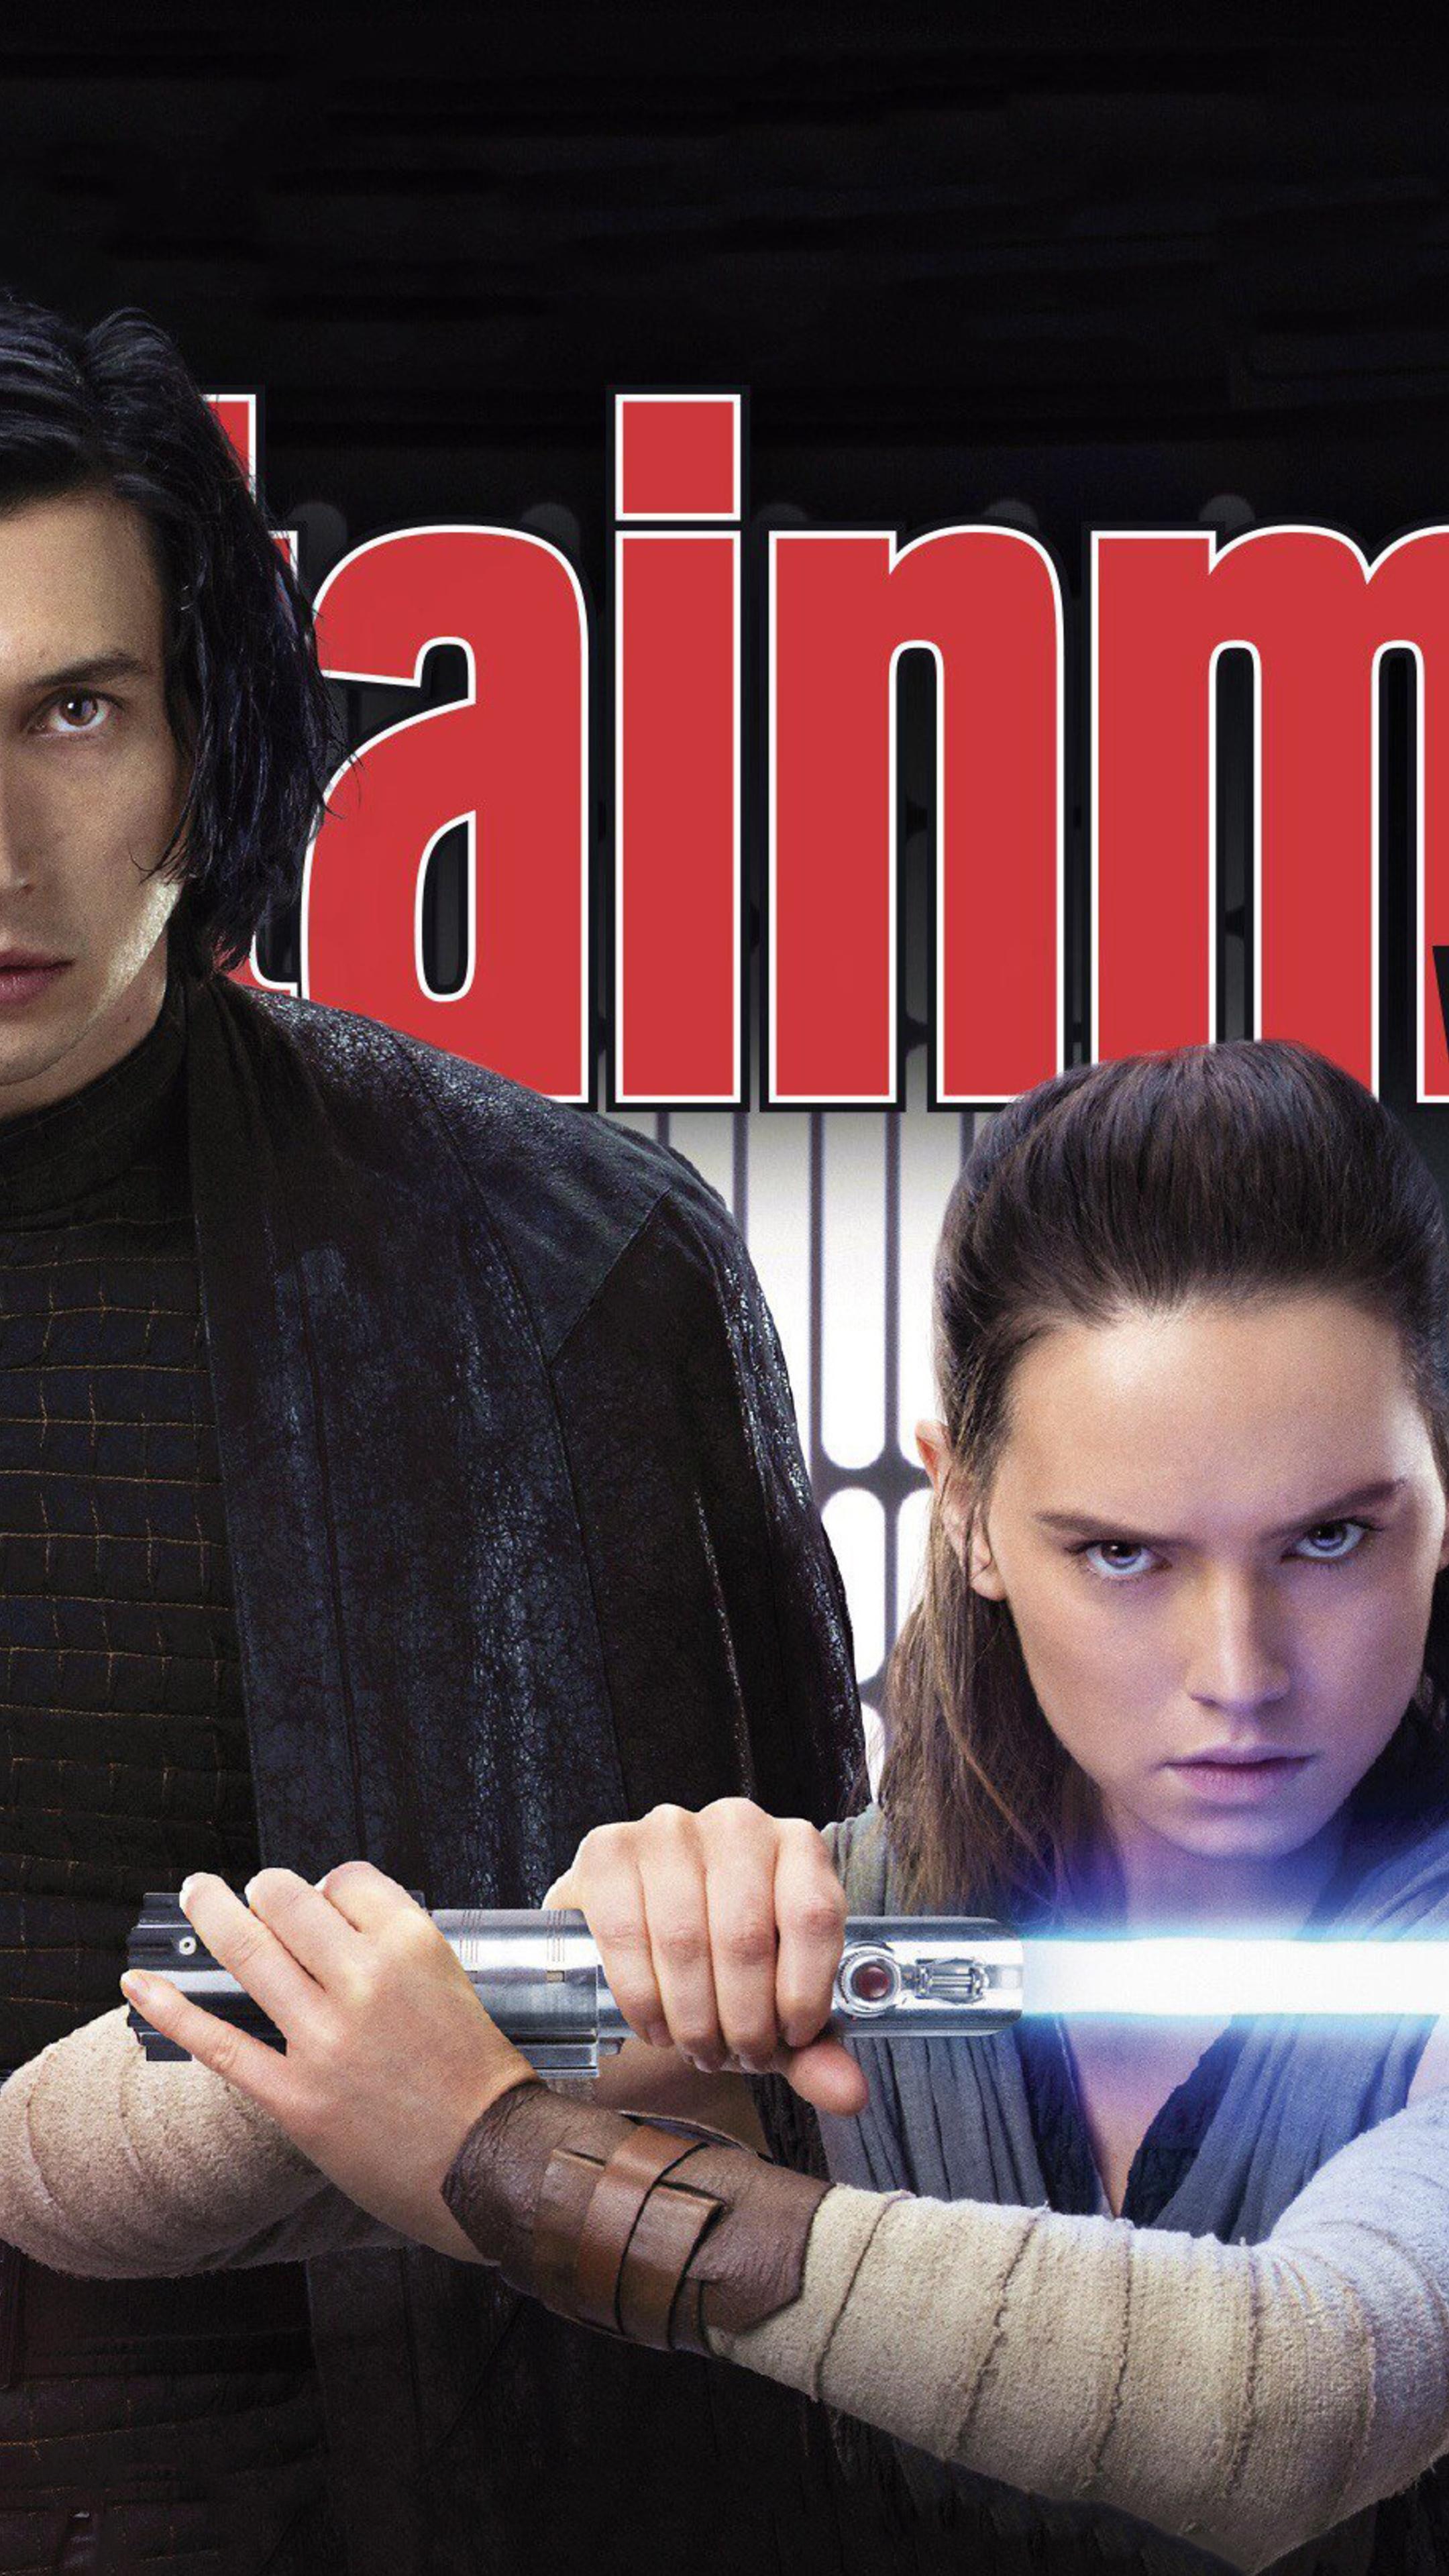 Best Wallpaper Movie Rey - rey-kylo-ren-star-wars-the-last-jedi-in-entertainment-weekly-magazine-jy-2160x3840  Picture_204835.jpg